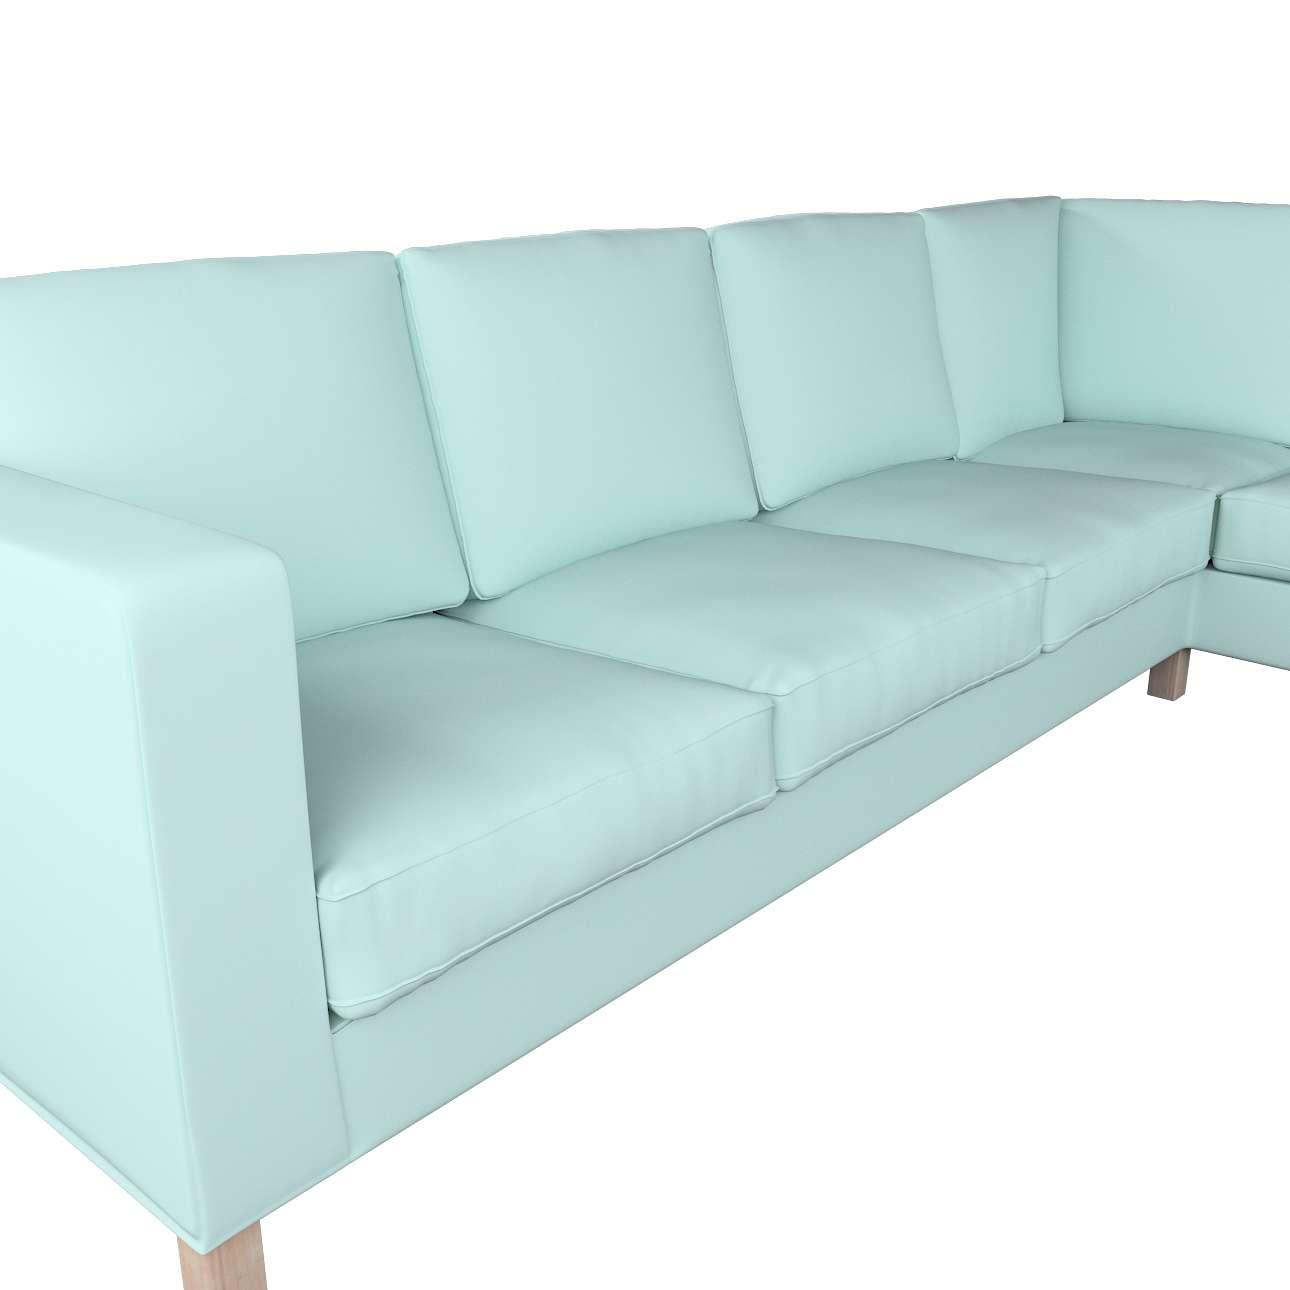 Pokrowiec na sofę narożną lewostronną Karlanda w kolekcji Cotton Panama, tkanina: 702-10